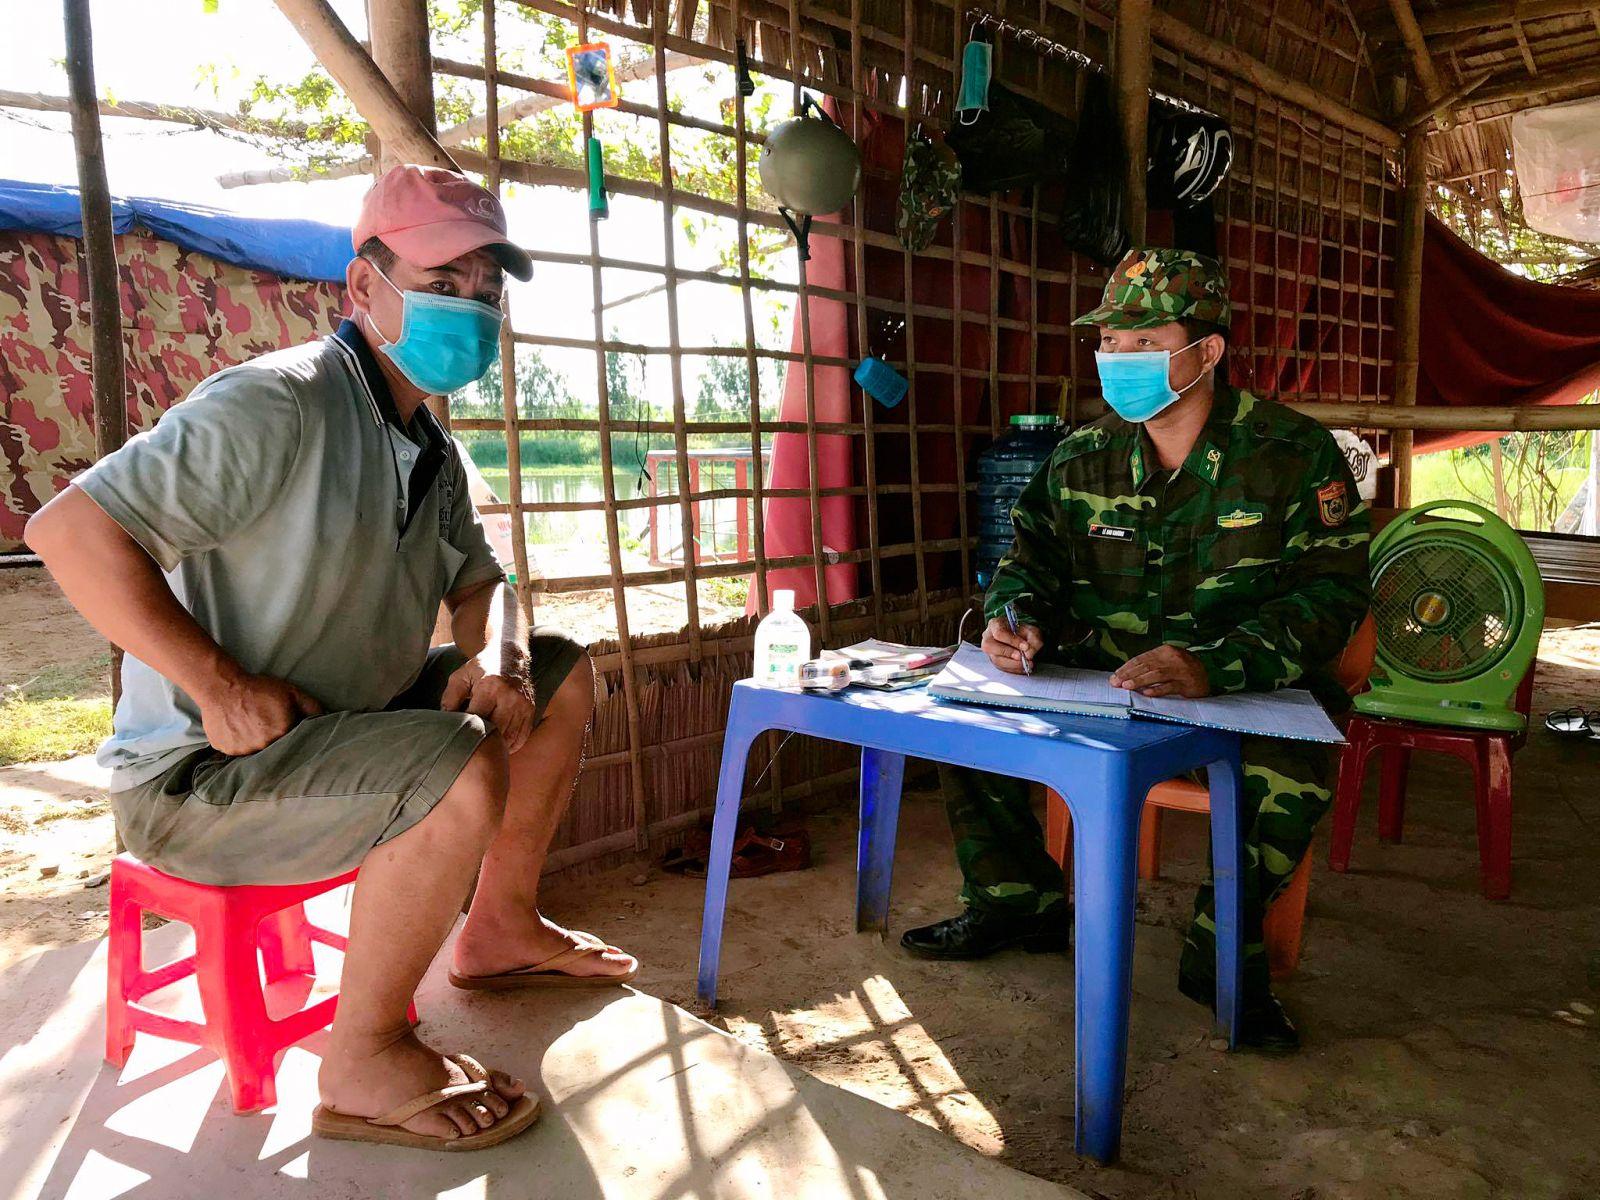 Cán bộ Đồn Biên phòng Sông Trăng điều tra, làm rõ vụ việc nhập cảnh trái phép